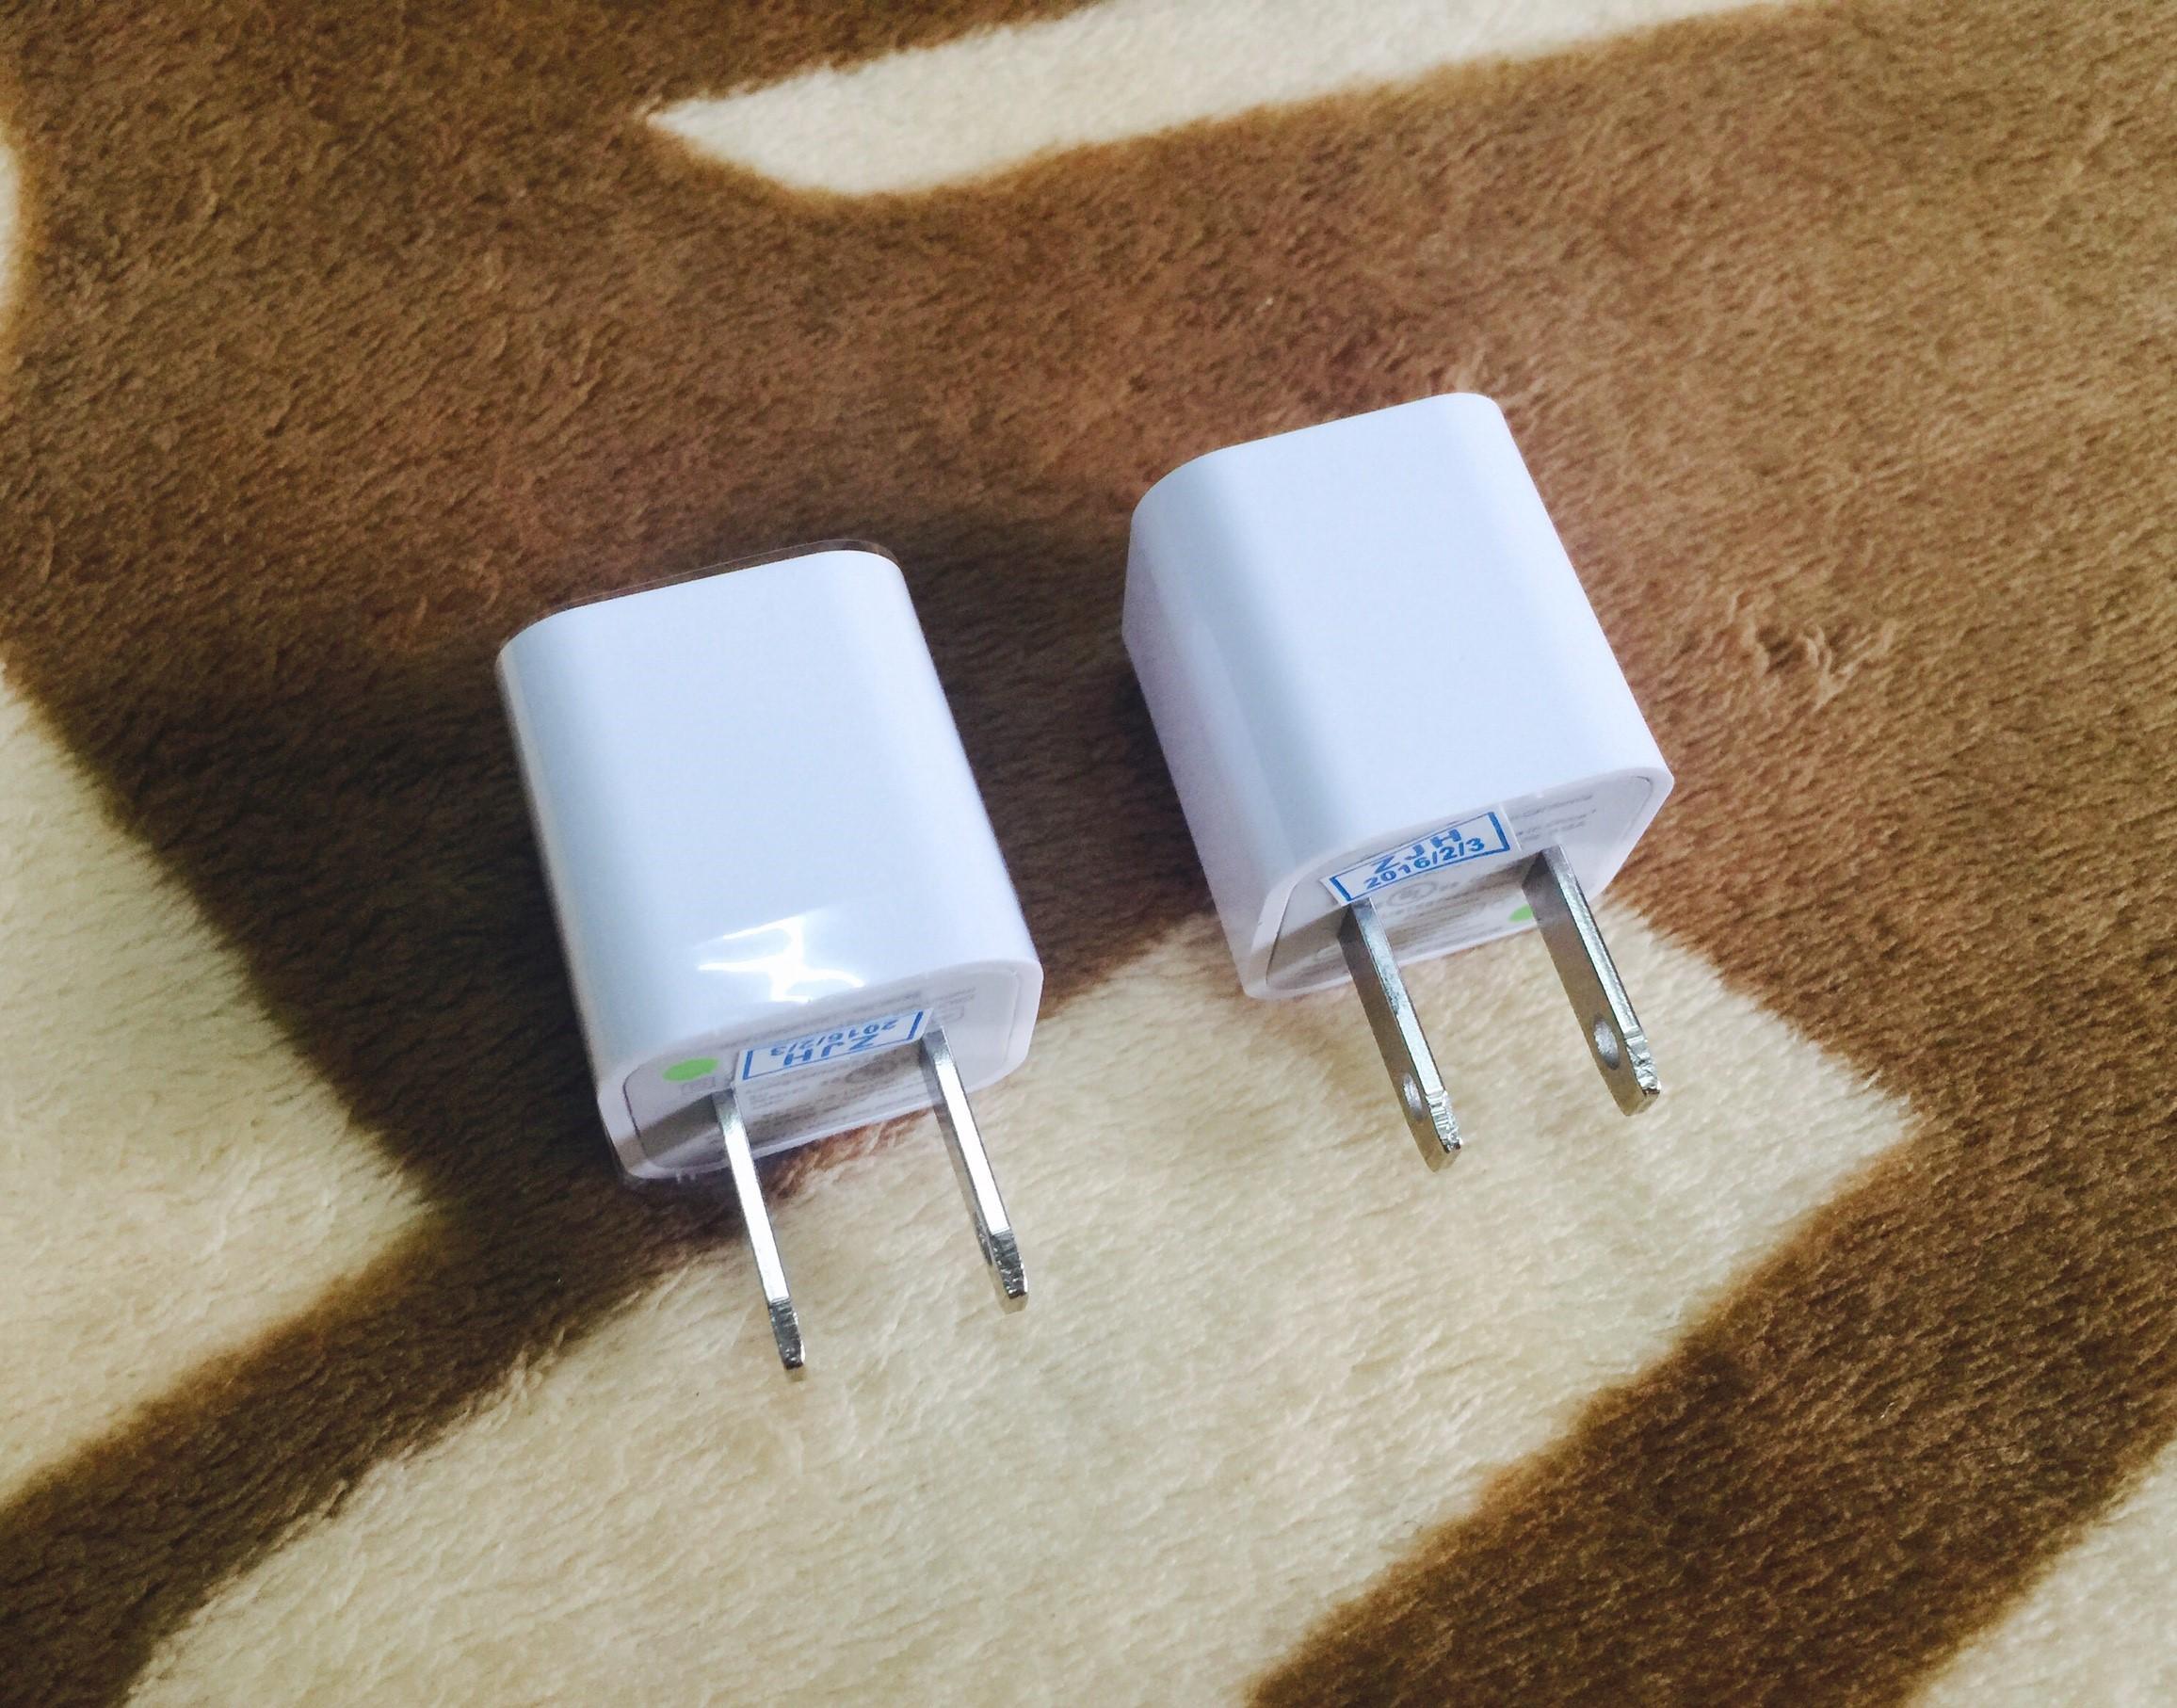 หัวชาร์จ 1000mA (ไฟเต็ม ชาร์จไว) สีขาว